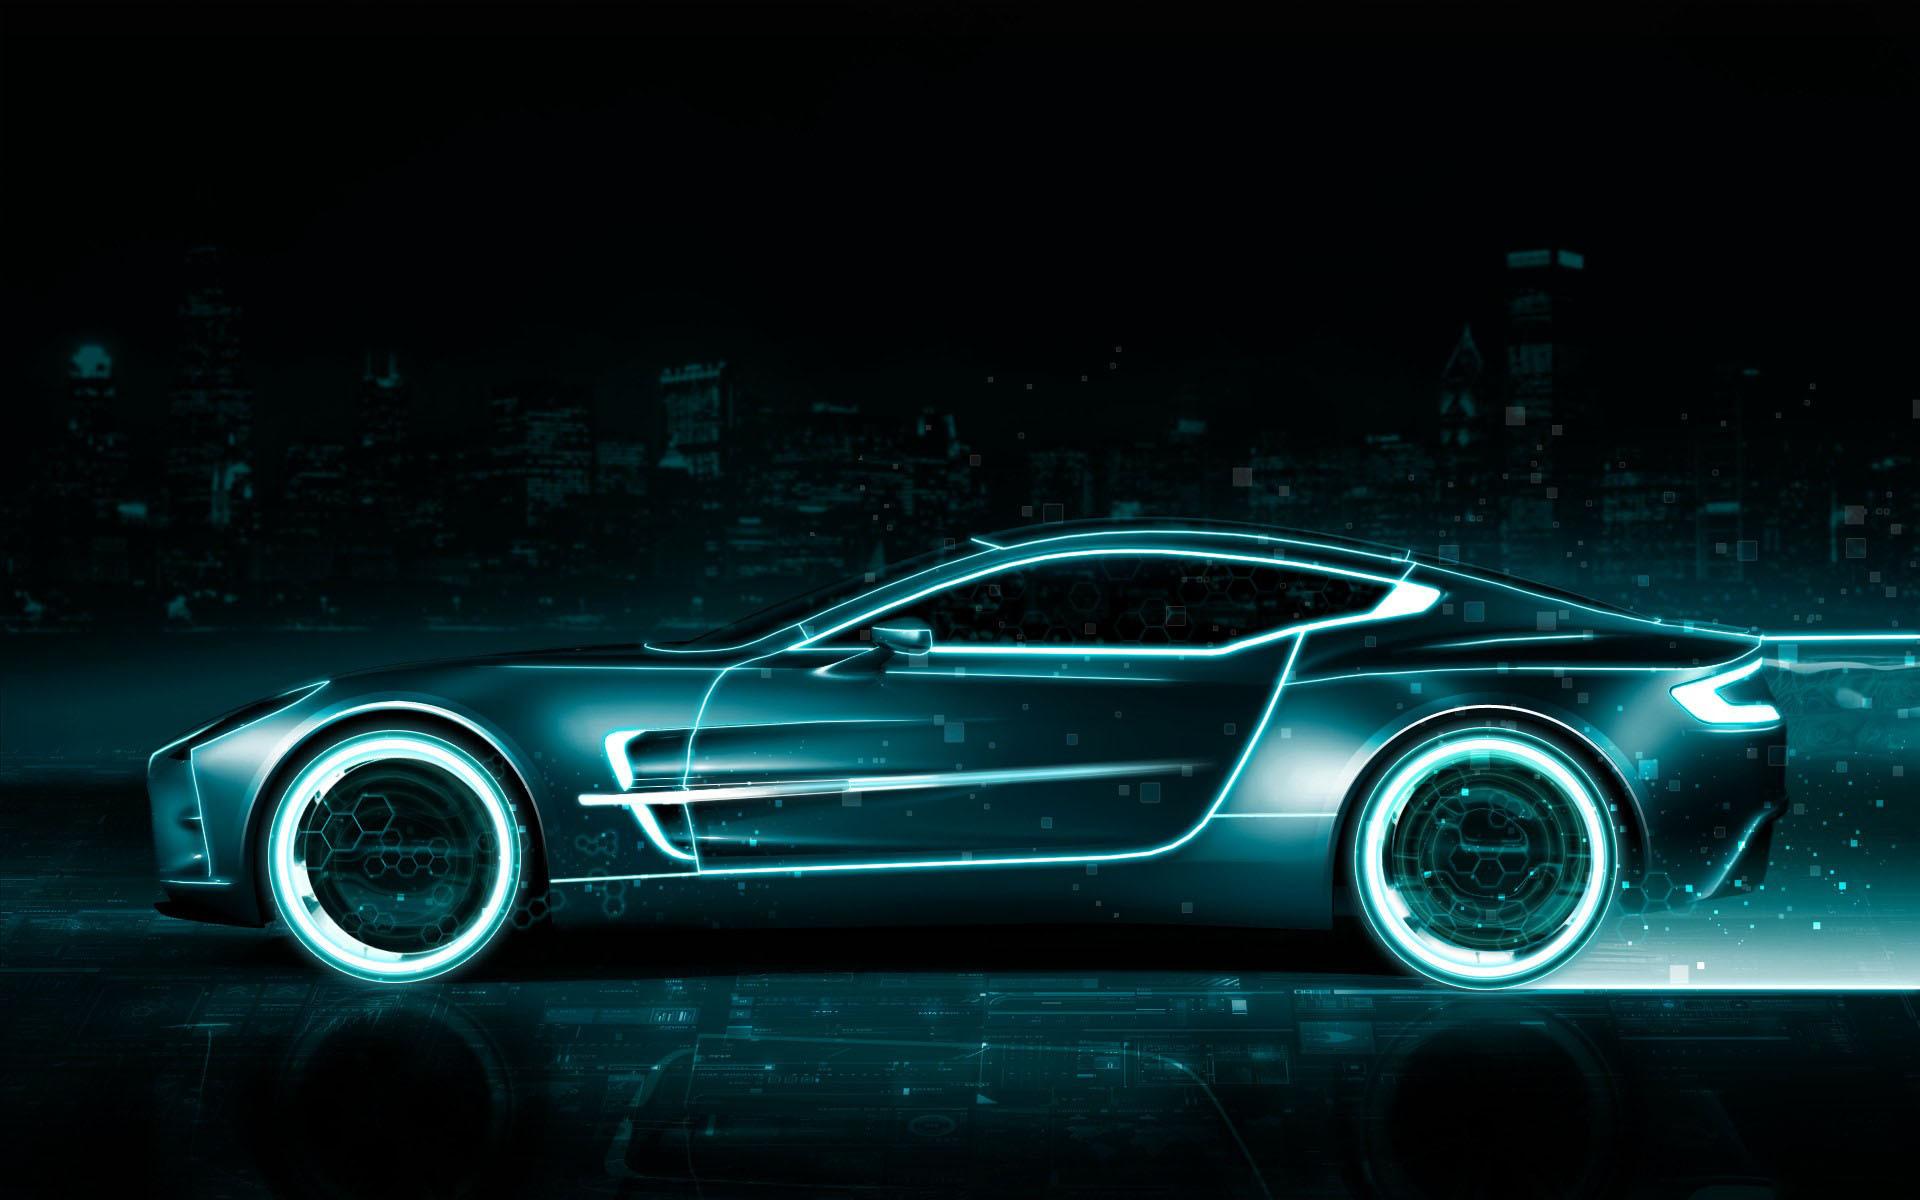 Aston Martin Widescreen Wallpaper